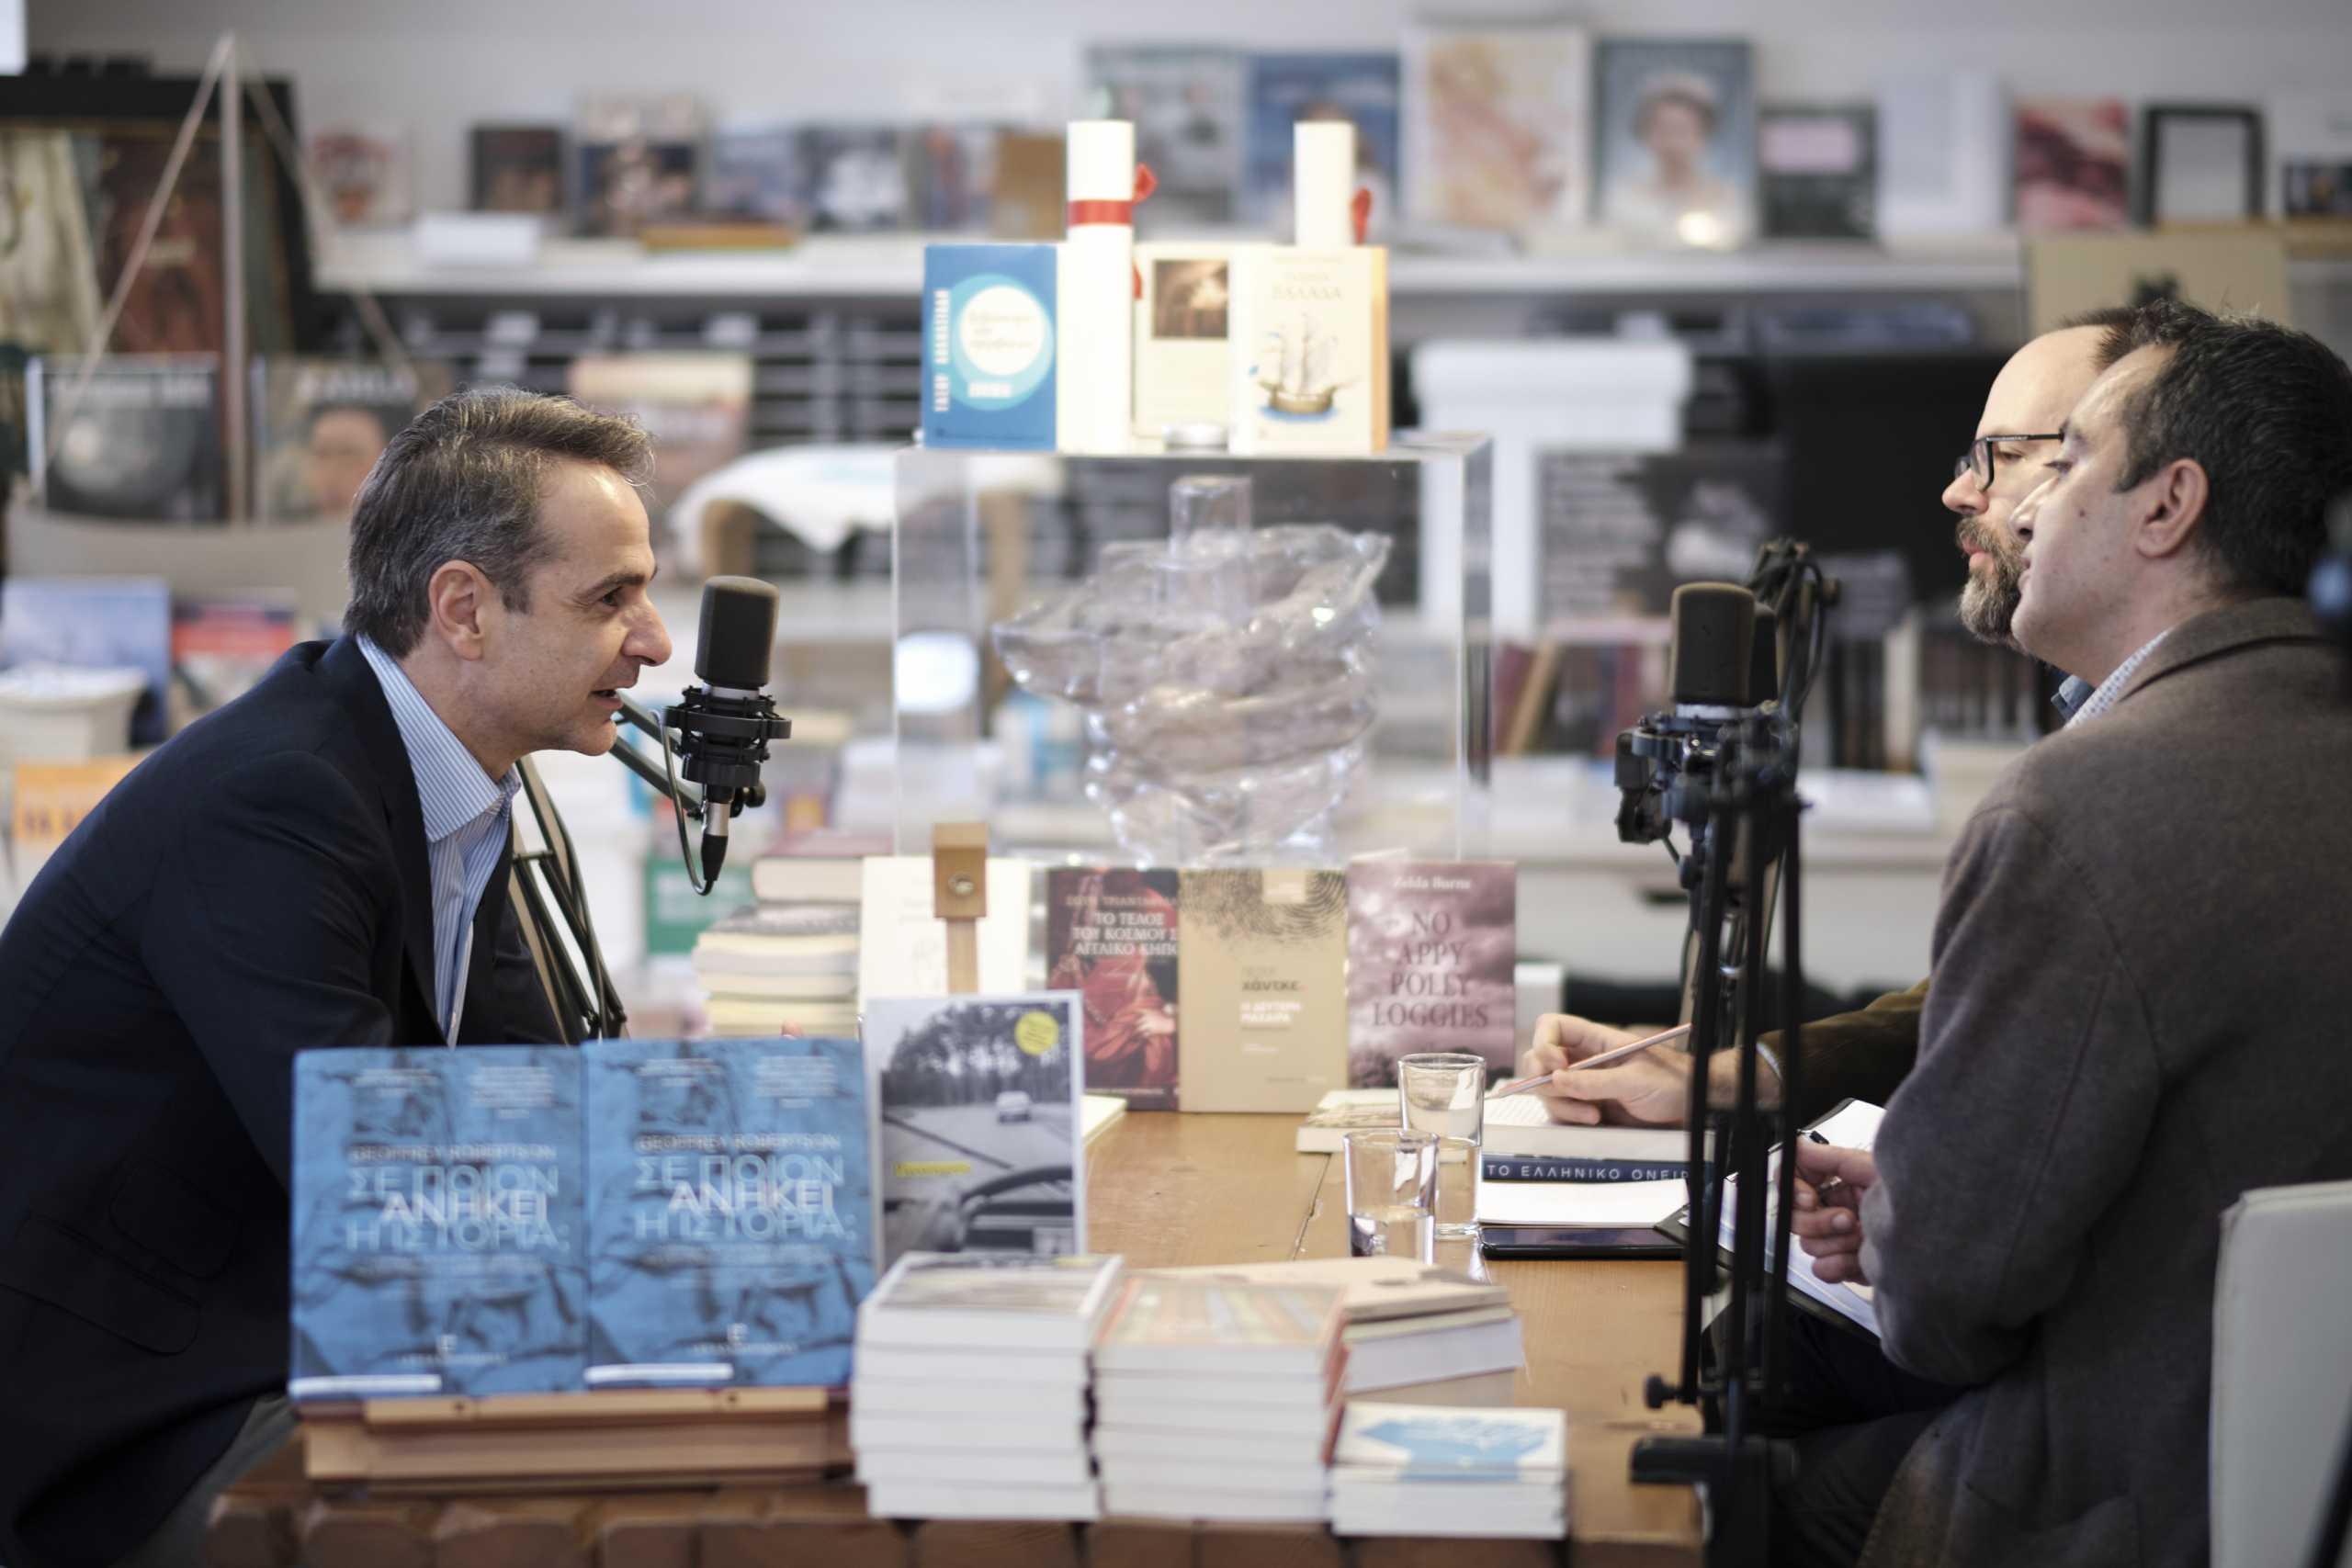 Μητσοτάκης: Να υποστηρίξουμε το βιβλίο ως κυβέρνηση